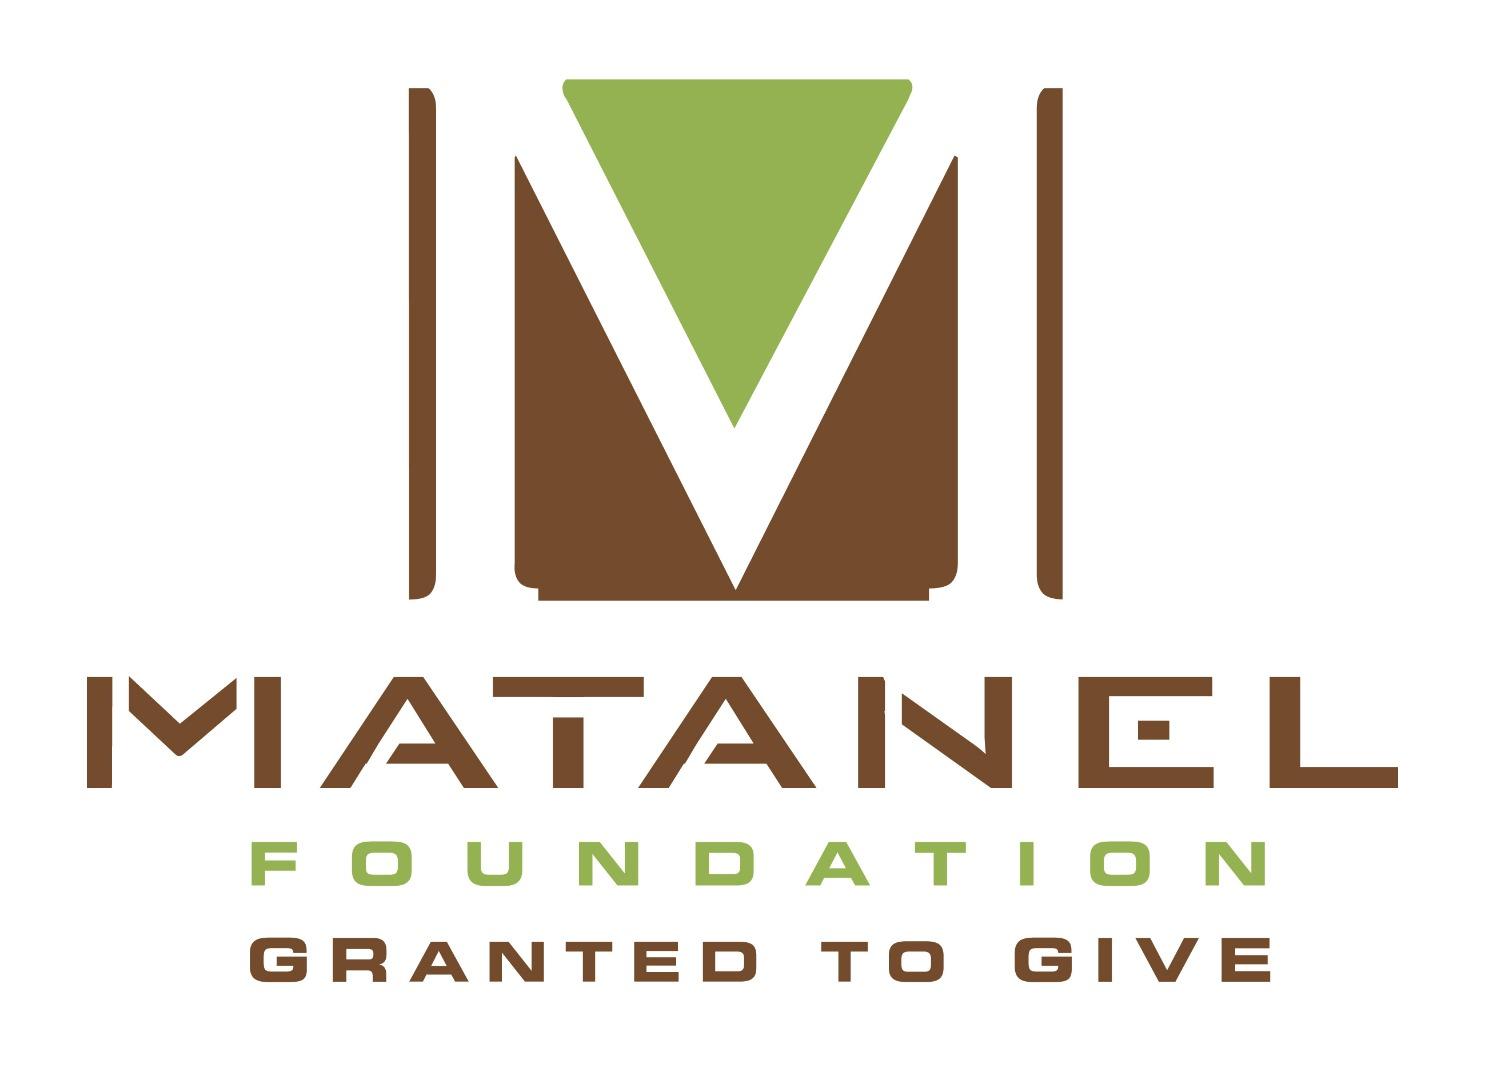 Partnership Company Logo Matanel